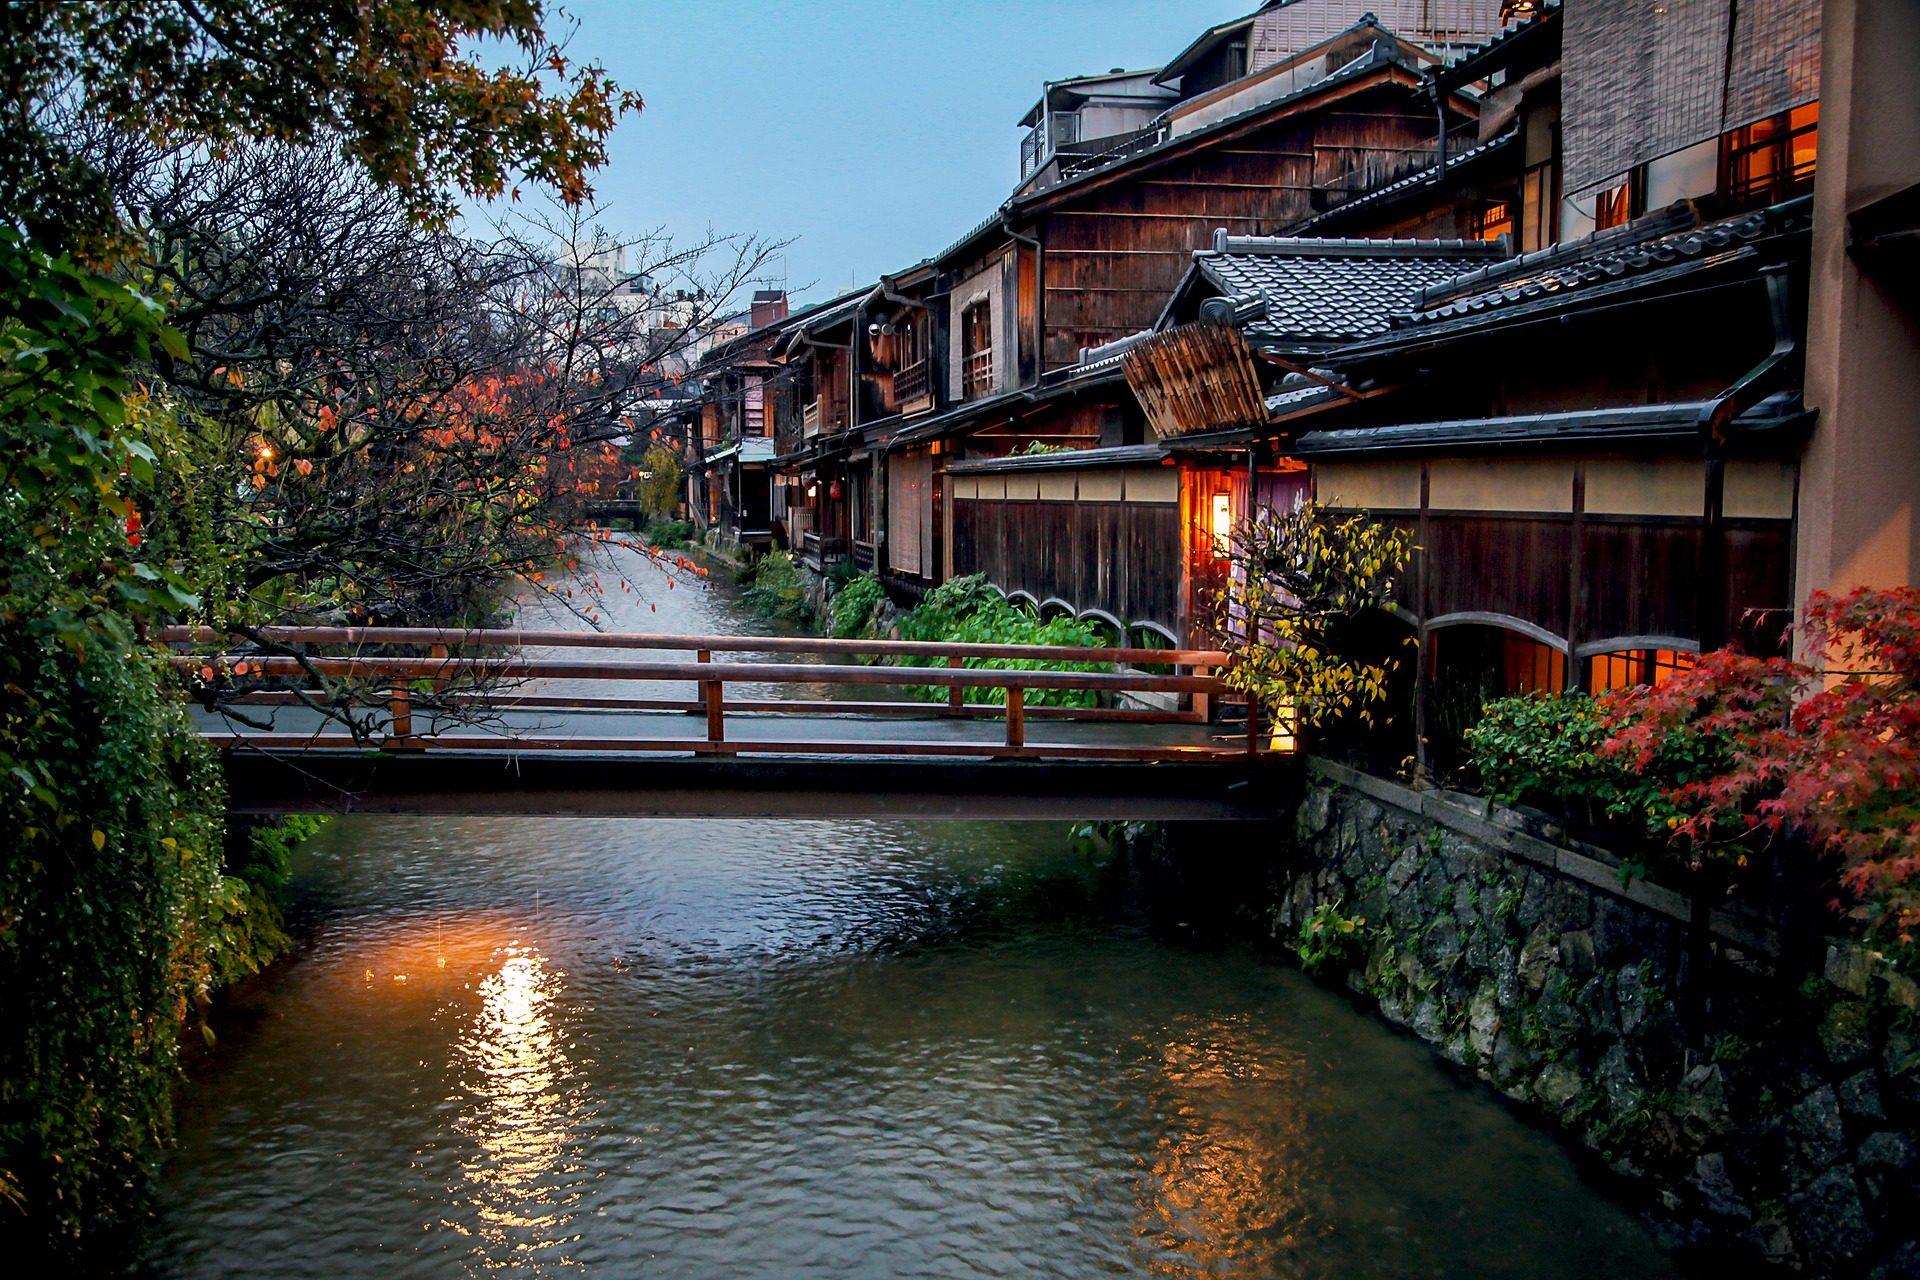 京都的擁擠季節是